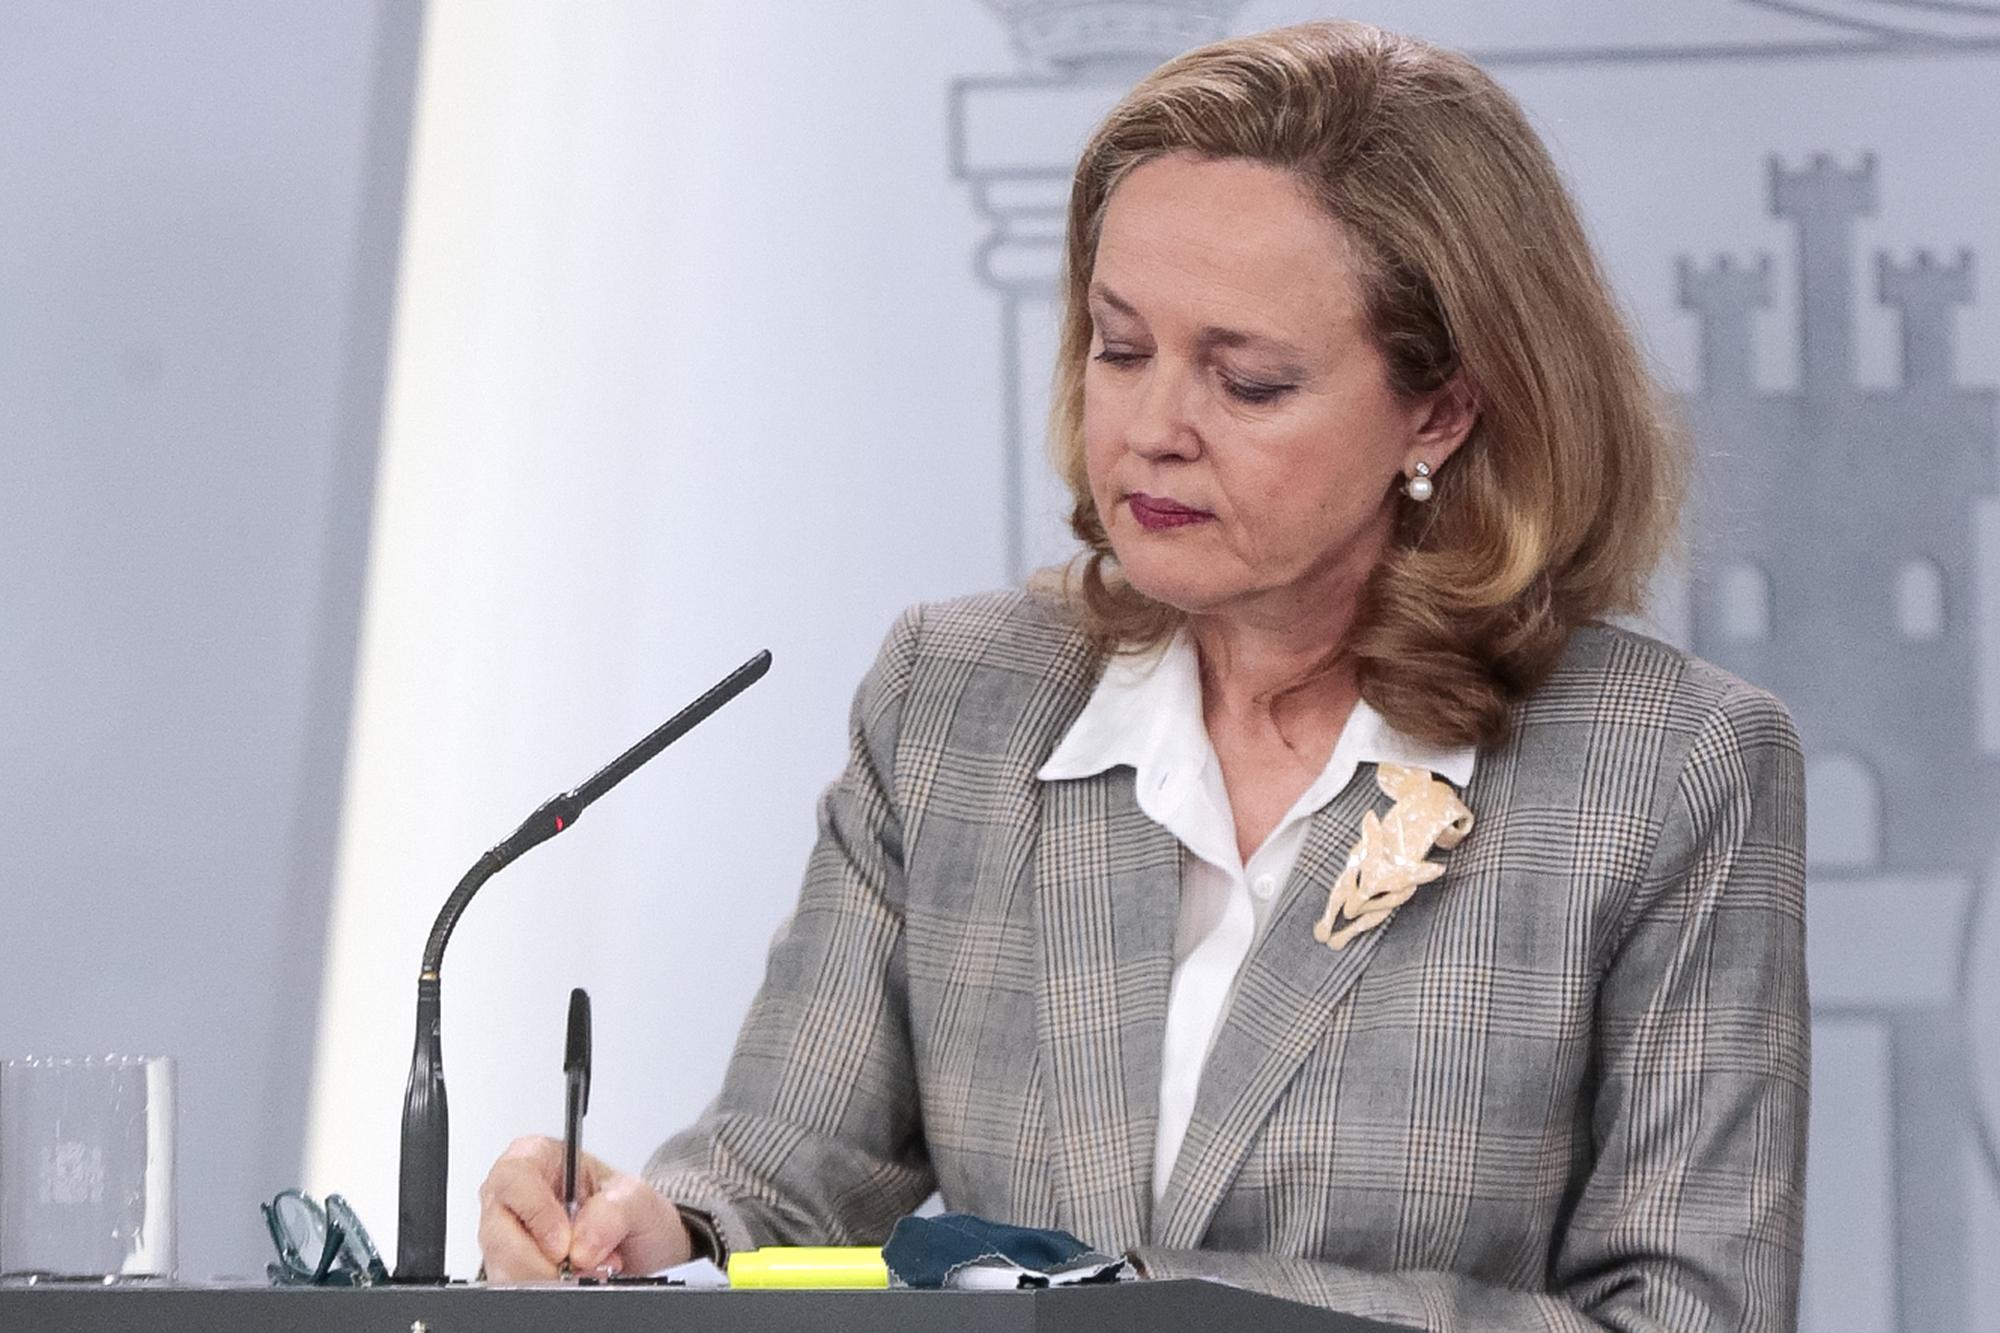 La vicepresidenta tercera del Gobierno y ministra de Asuntos Económicos y Transformación Digital, Nadia Calviño, durante su comparecencia en rueda de prensa telemática celebrada el 23 de marzo de 2020.